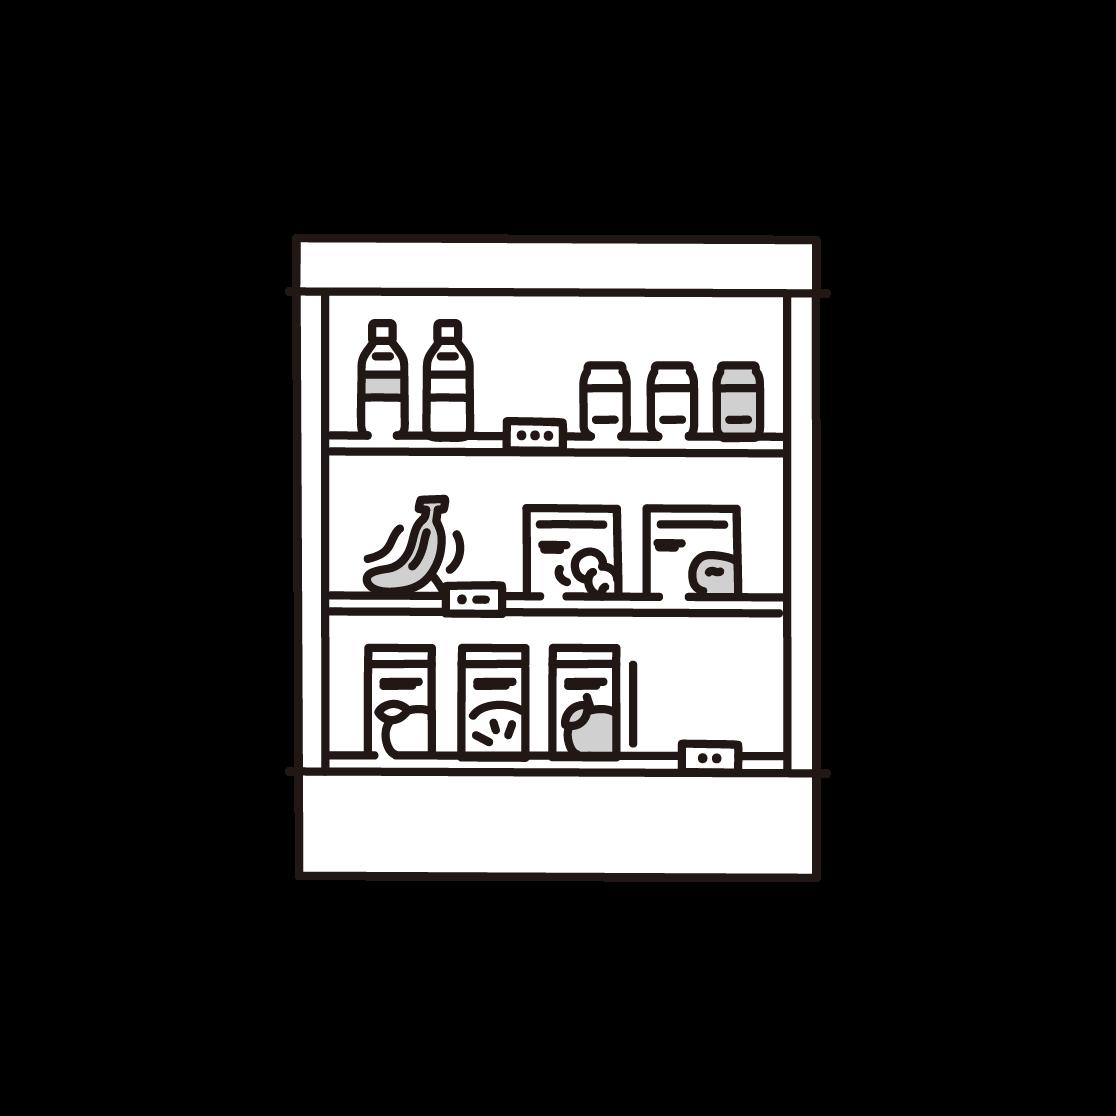 商品棚の単色イラスト